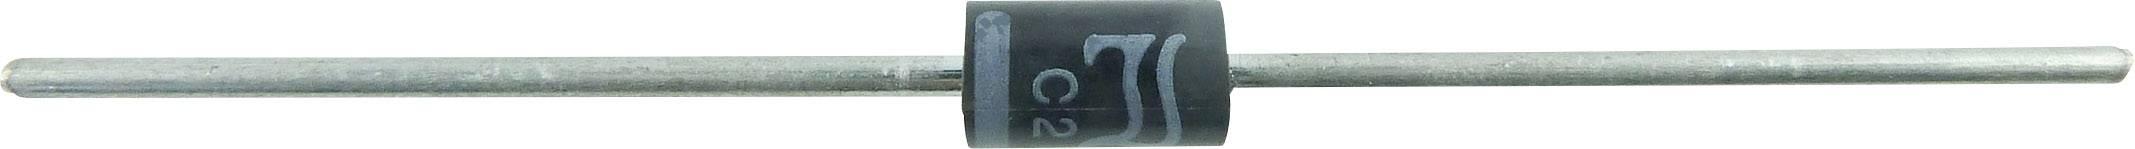 Kremíková usmerňovacia dióda Diotec 1N5401 1N5401 3 A, 100 V